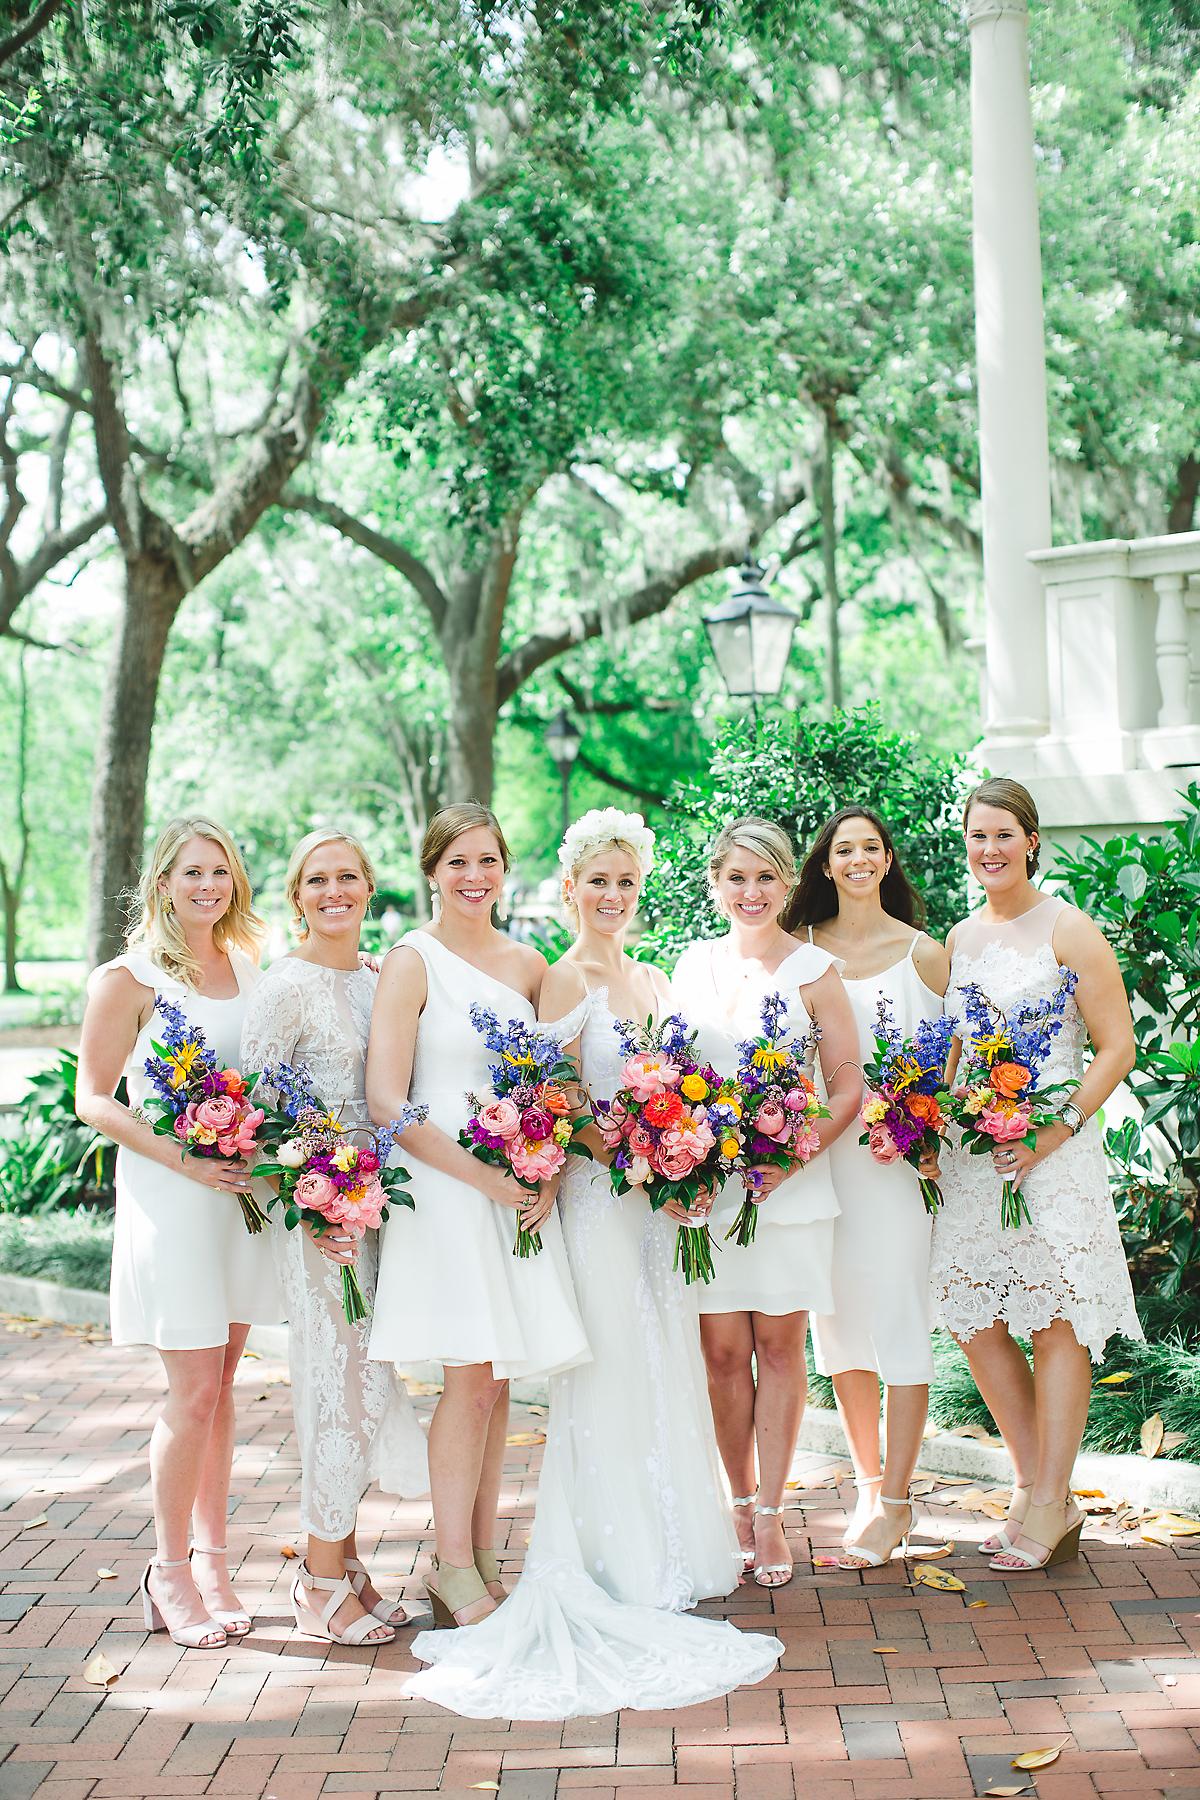 mansion-on-forsyth-park-wedding-6(2).jpg